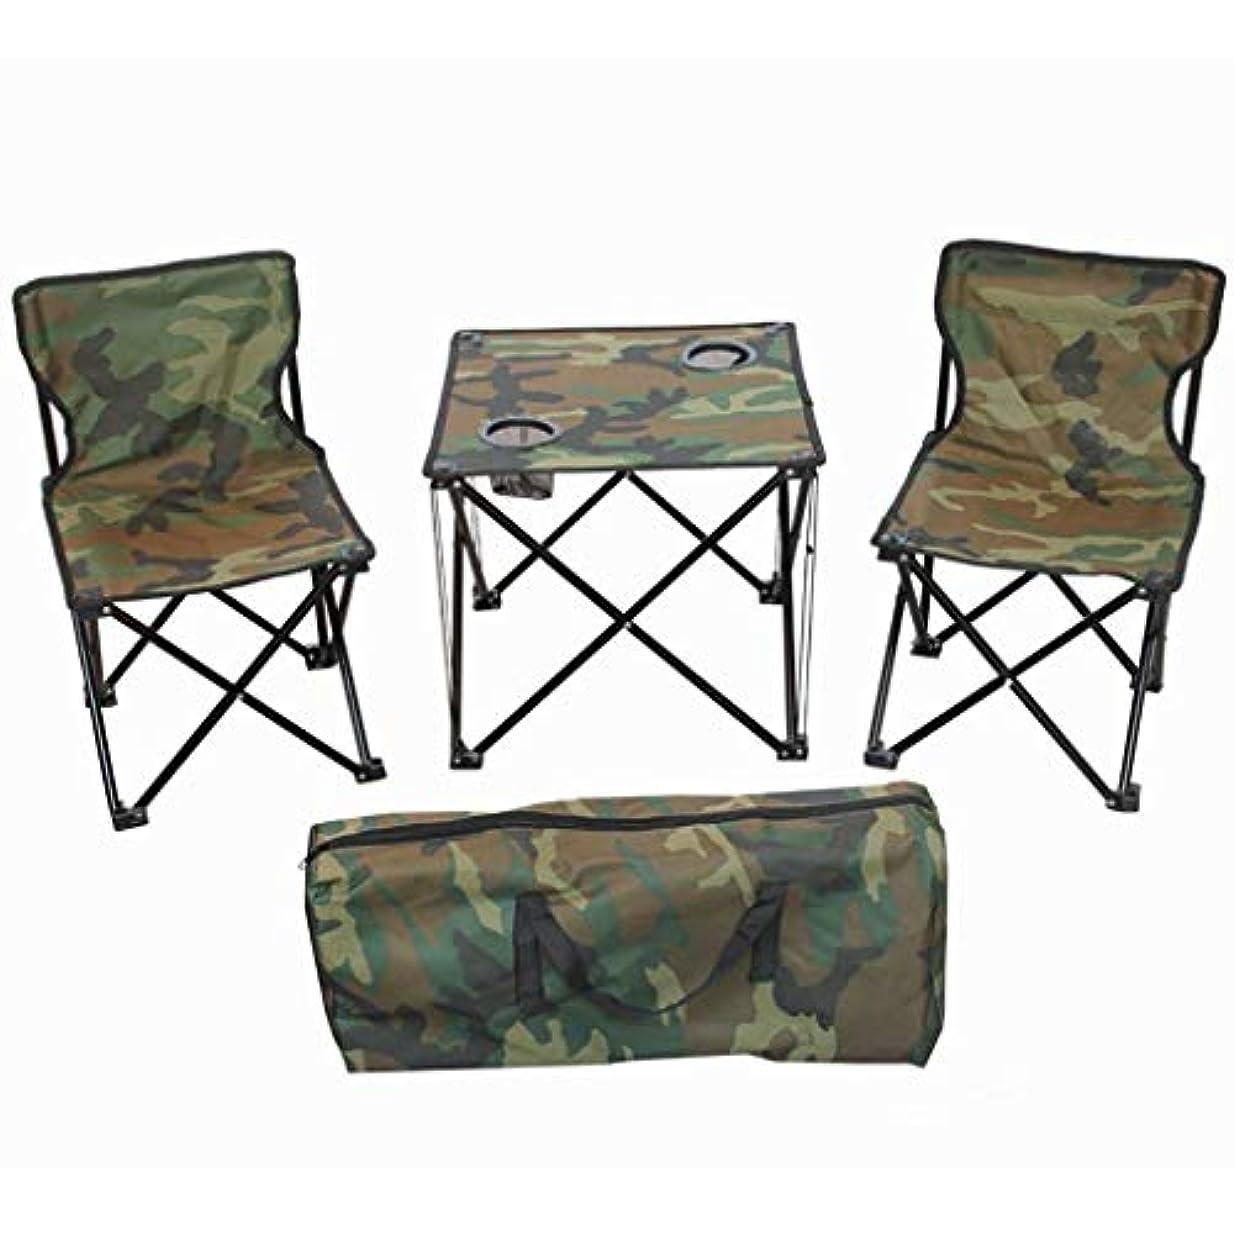 背景運動形式迷彩屋外折りたたみテーブルと椅子スリーピース、釣り椅子ラウンジチェアバーベキューテーブルキャンプチェア